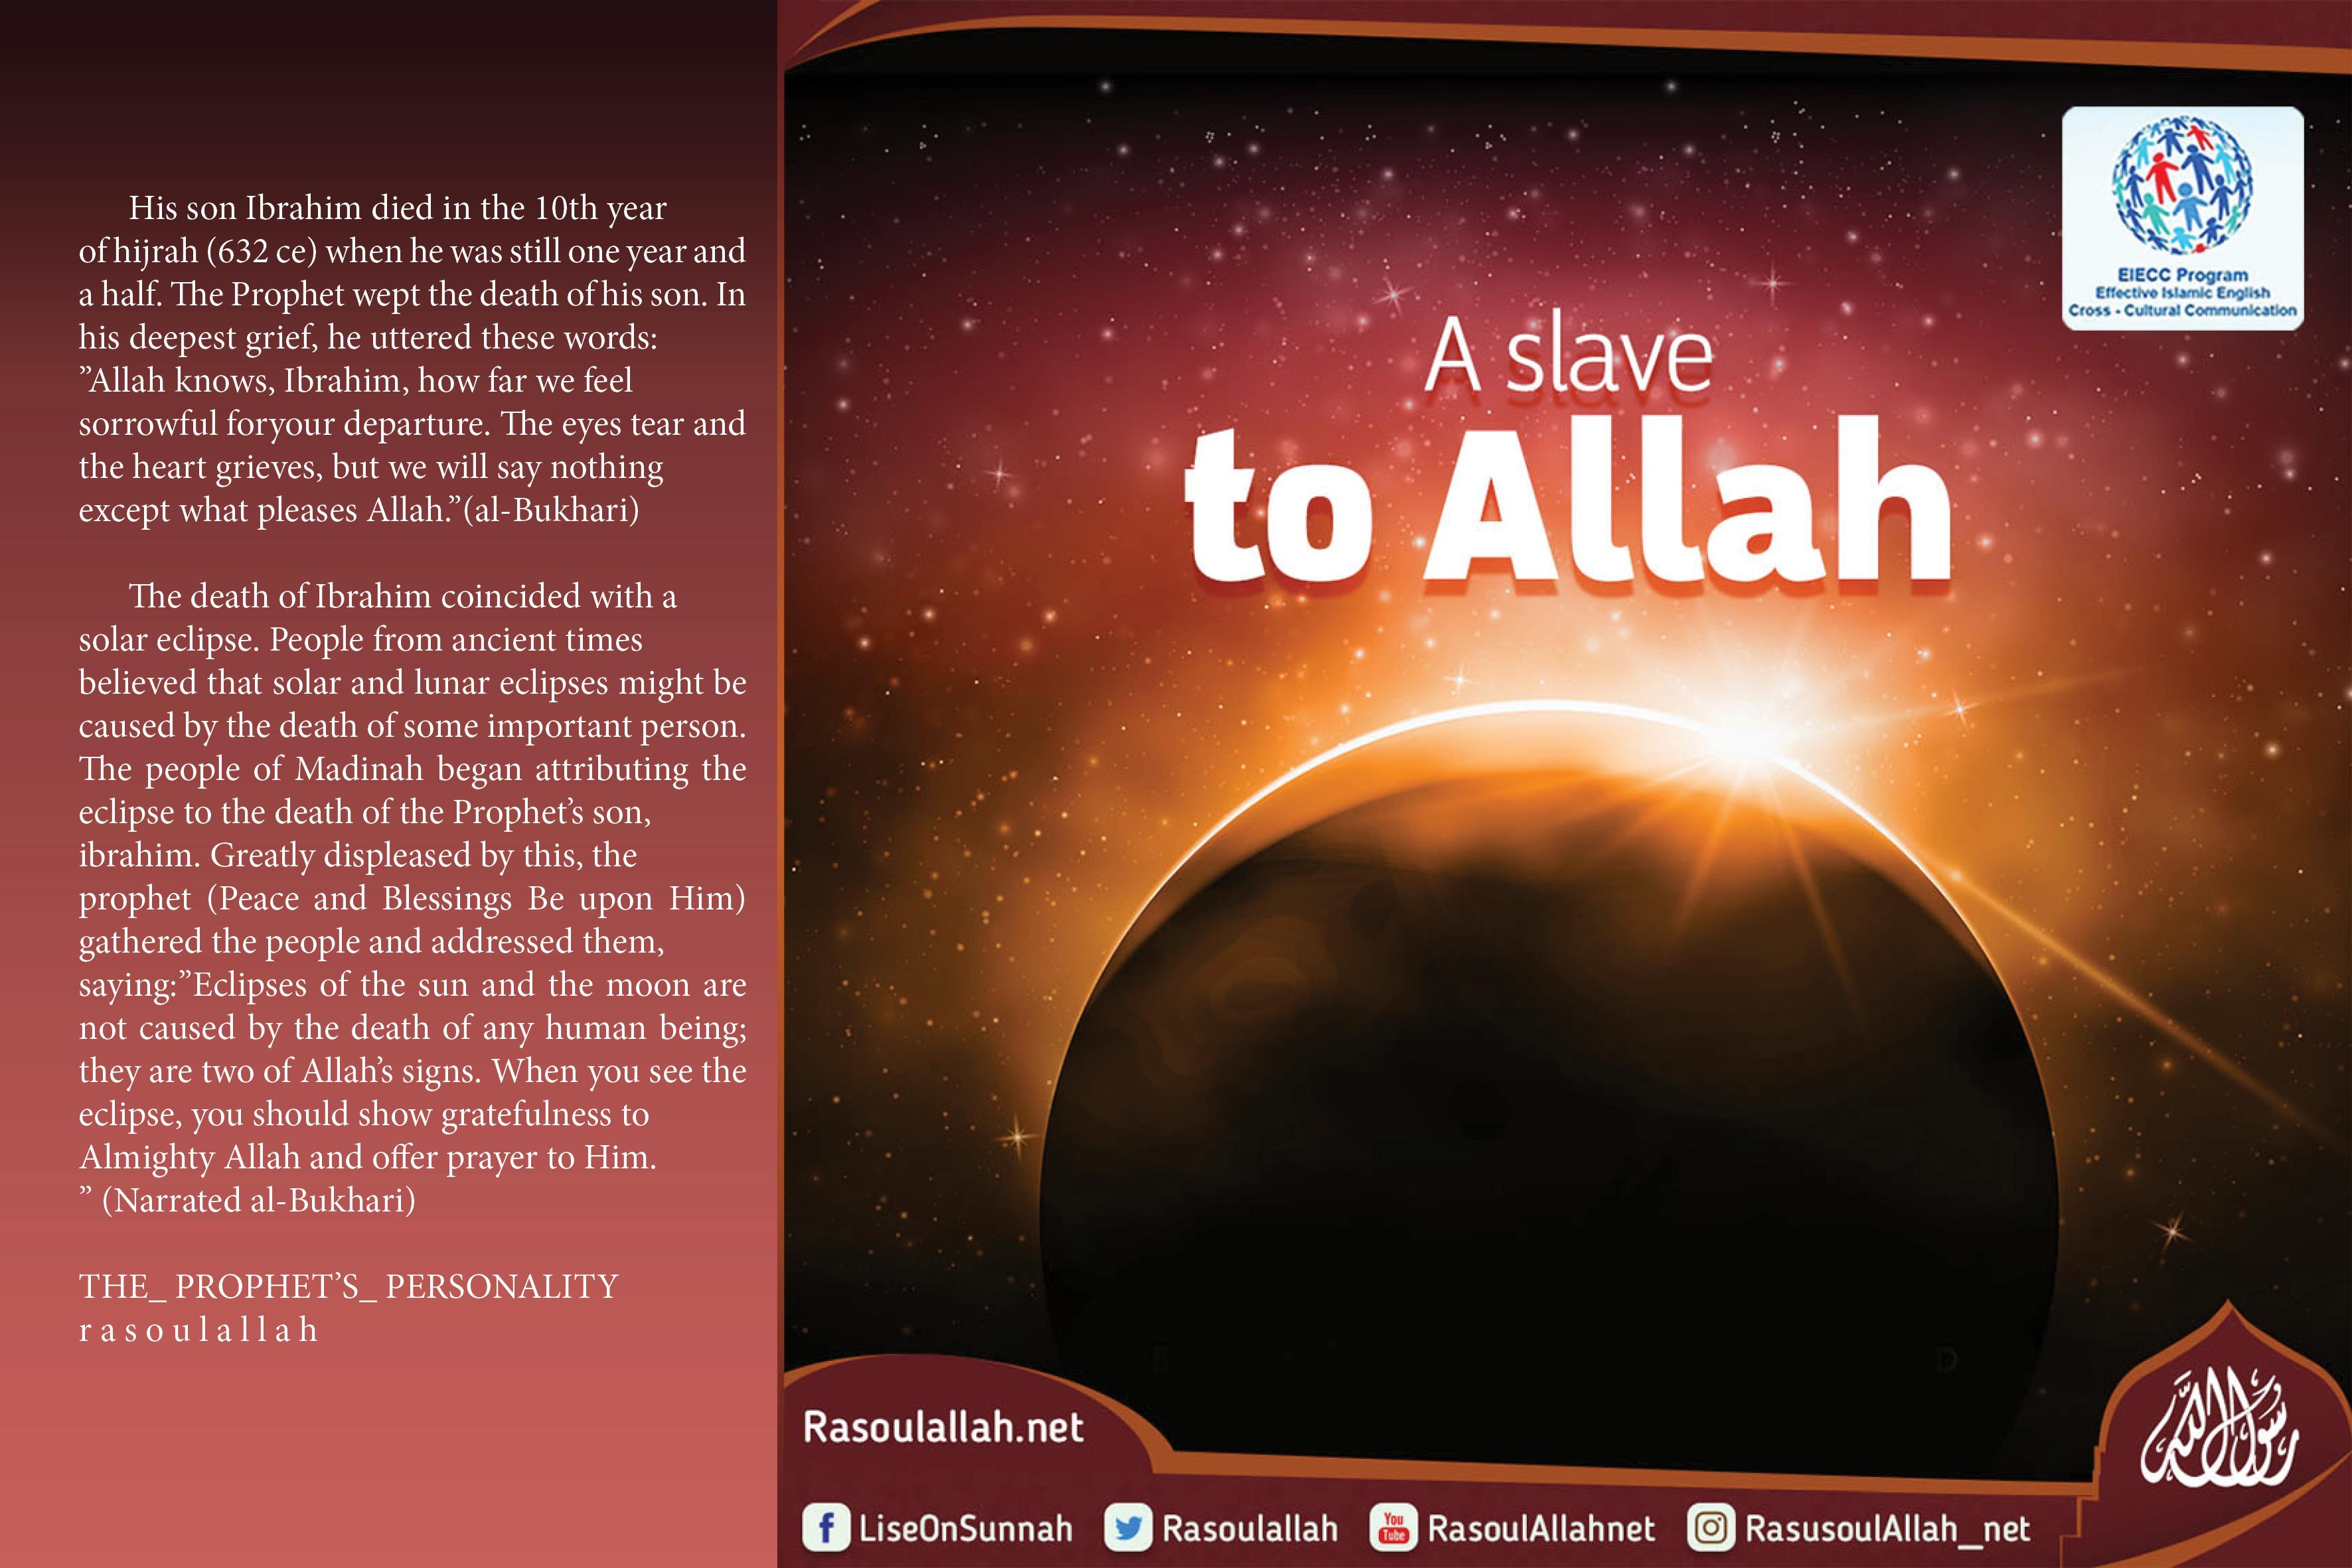 A slave to Allah